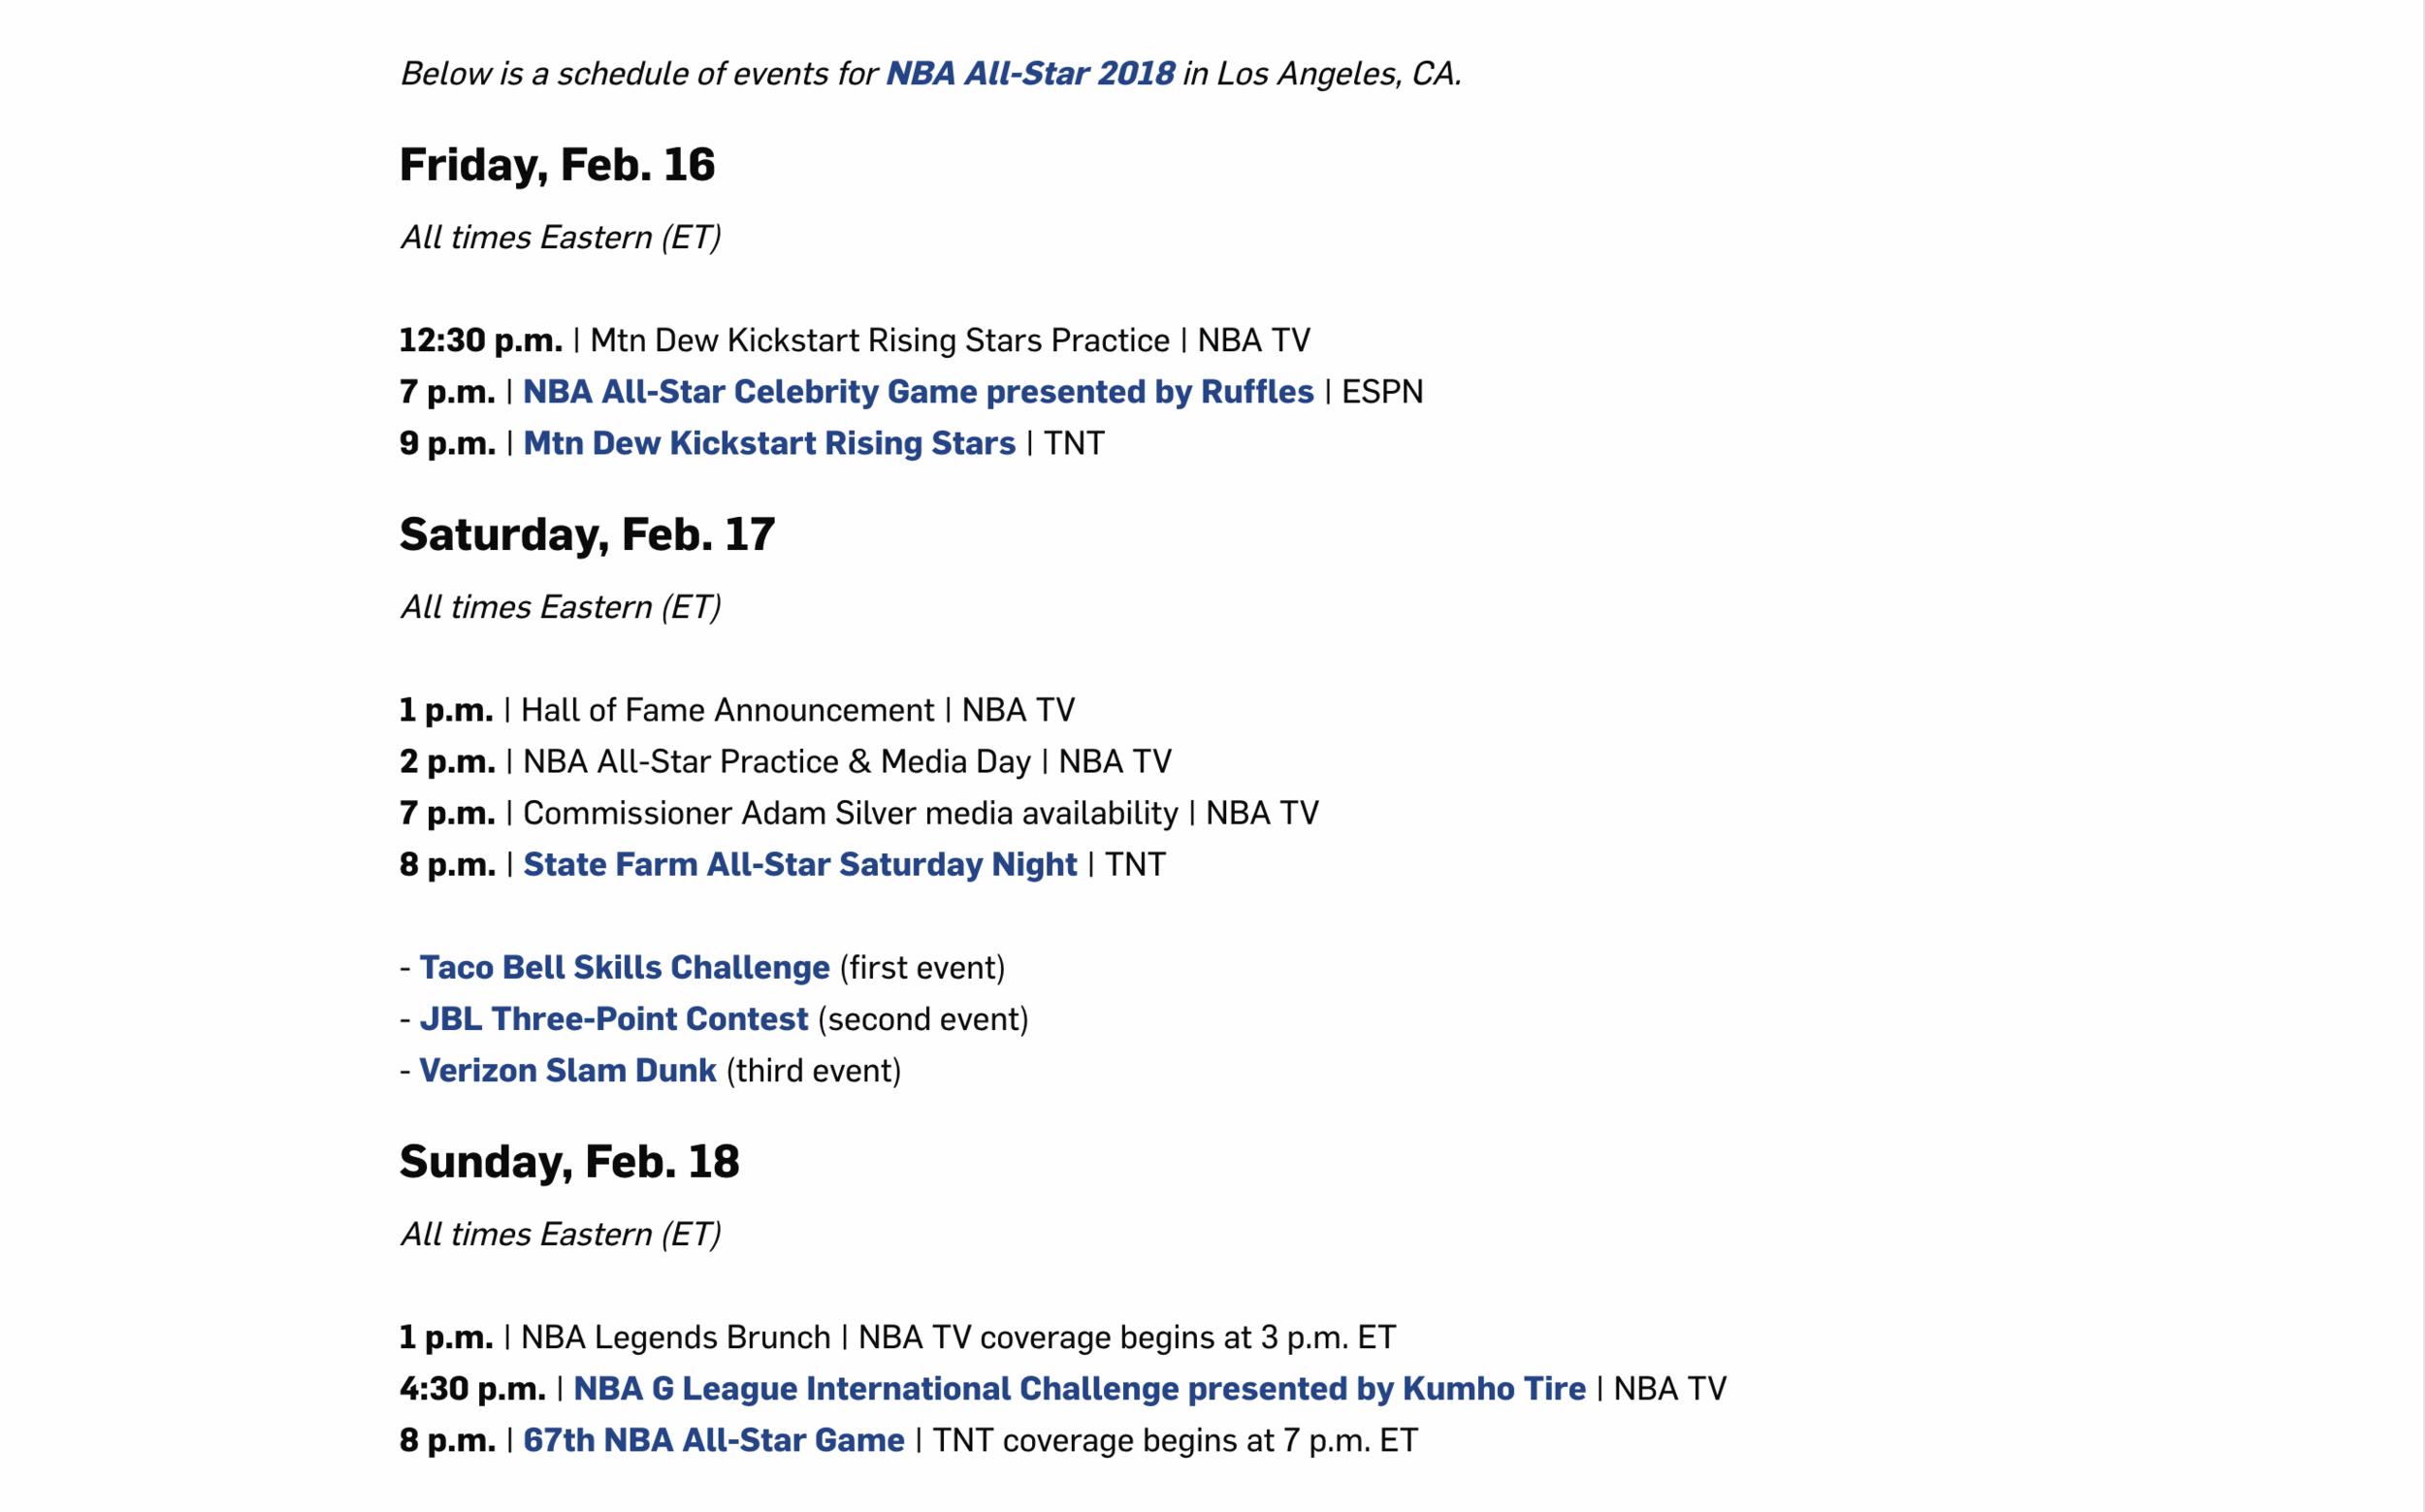 Schedule provided vi http://www.nba.com/allstar/2018/schedule